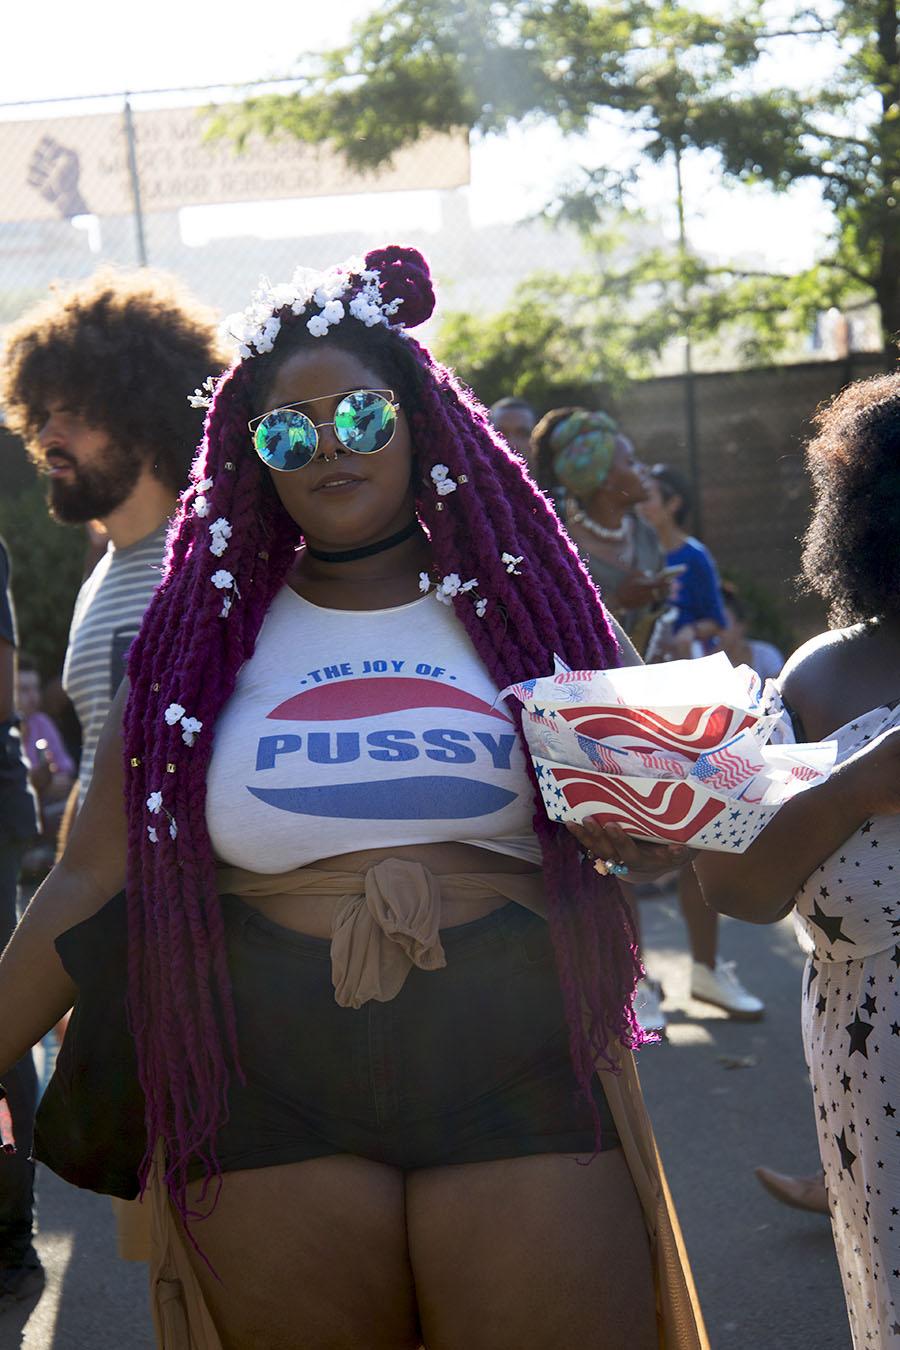 griot-mag-afropunk-festival-inno-alla-diversita-divesity-e-allo-stile-new-york-brooklyn-41-©johanne affricot